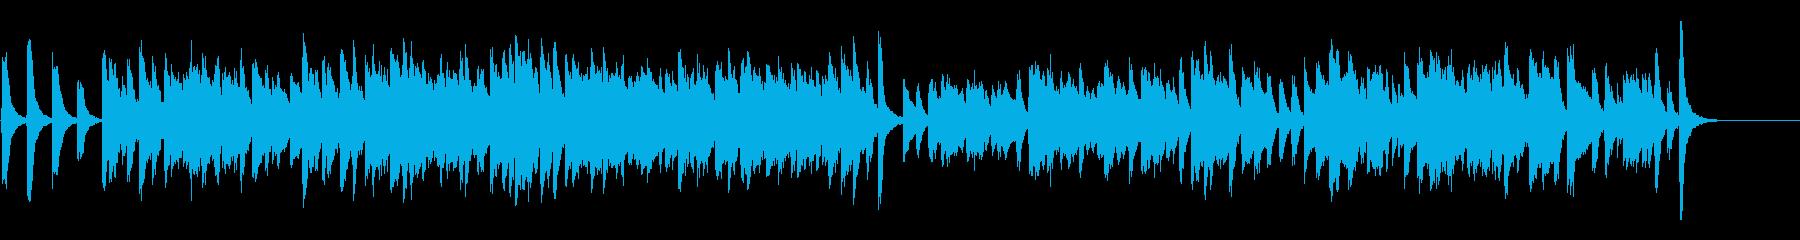 チャップリン風コミカルなラグタイムピアノの再生済みの波形